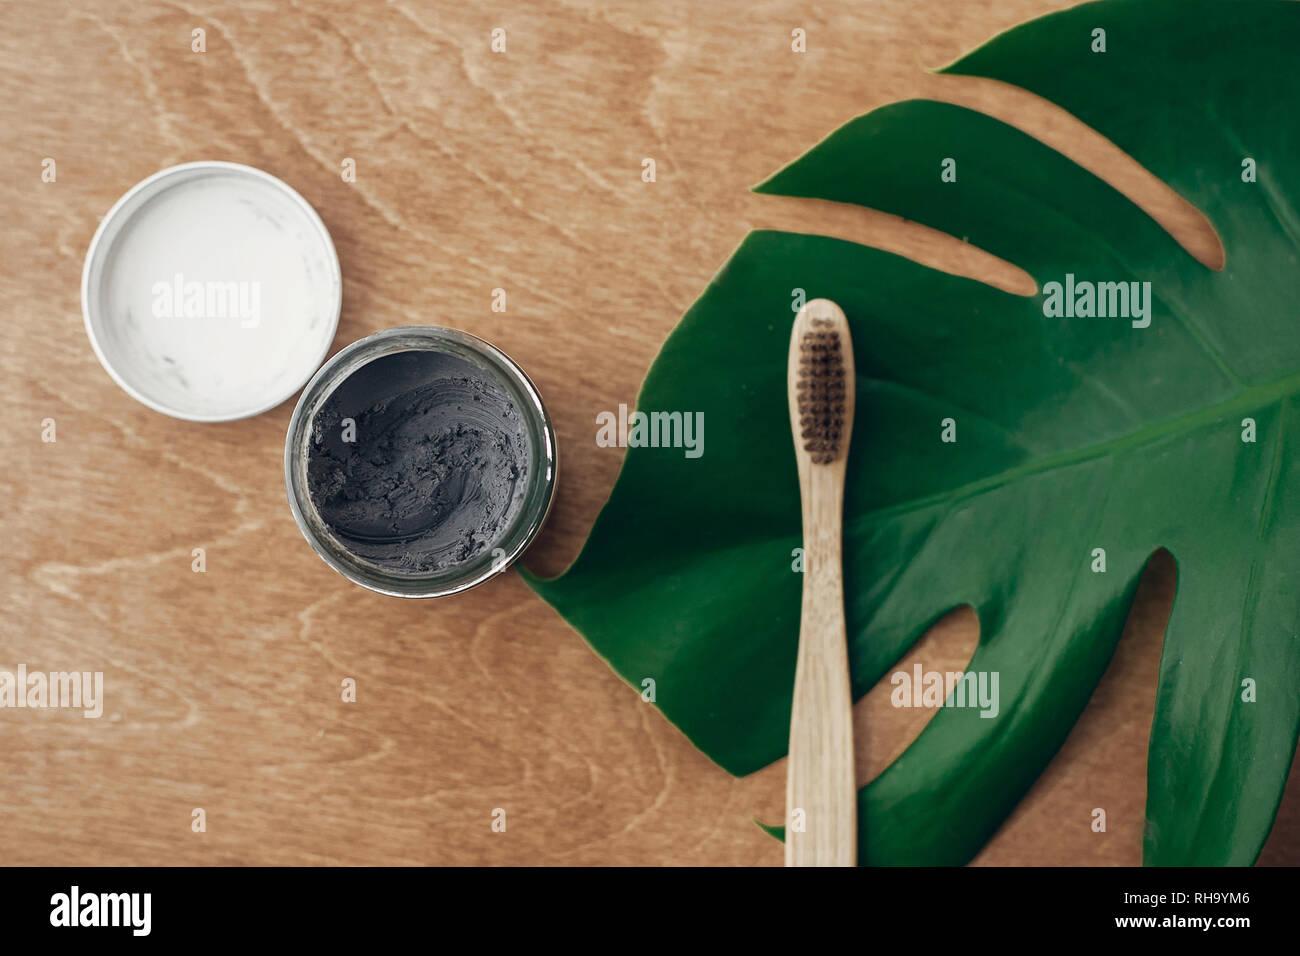 Dentífrico natural el carbón activado en un tarro de vidrio y el bambú, cepillo de madera con fondo verde hoja monstera. Libre de plástico essentials, dientes Foto de stock